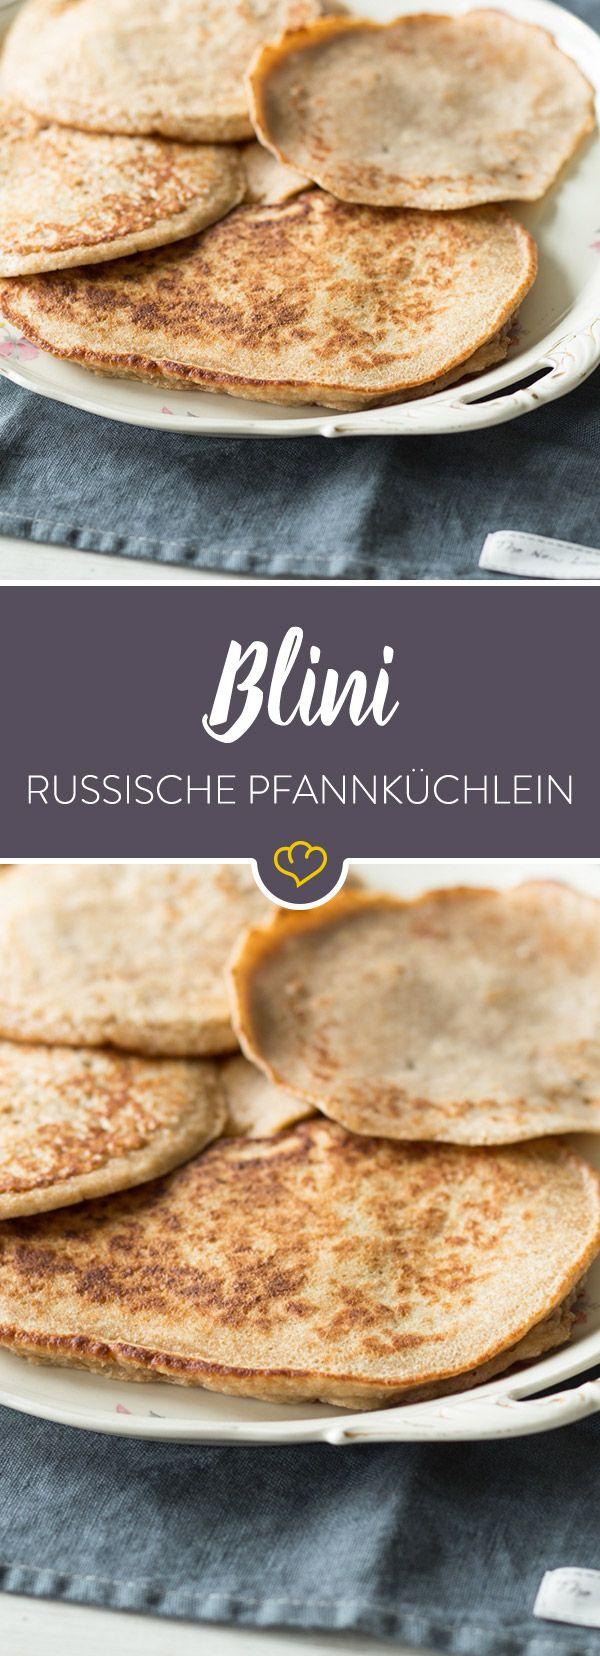 Mit Blini zeigt uns die russische Küche, was sie kann! Die osteuropäischen Eierkuchen passen zu jeder Gelegenheit und sind unglaublich vielfältig.